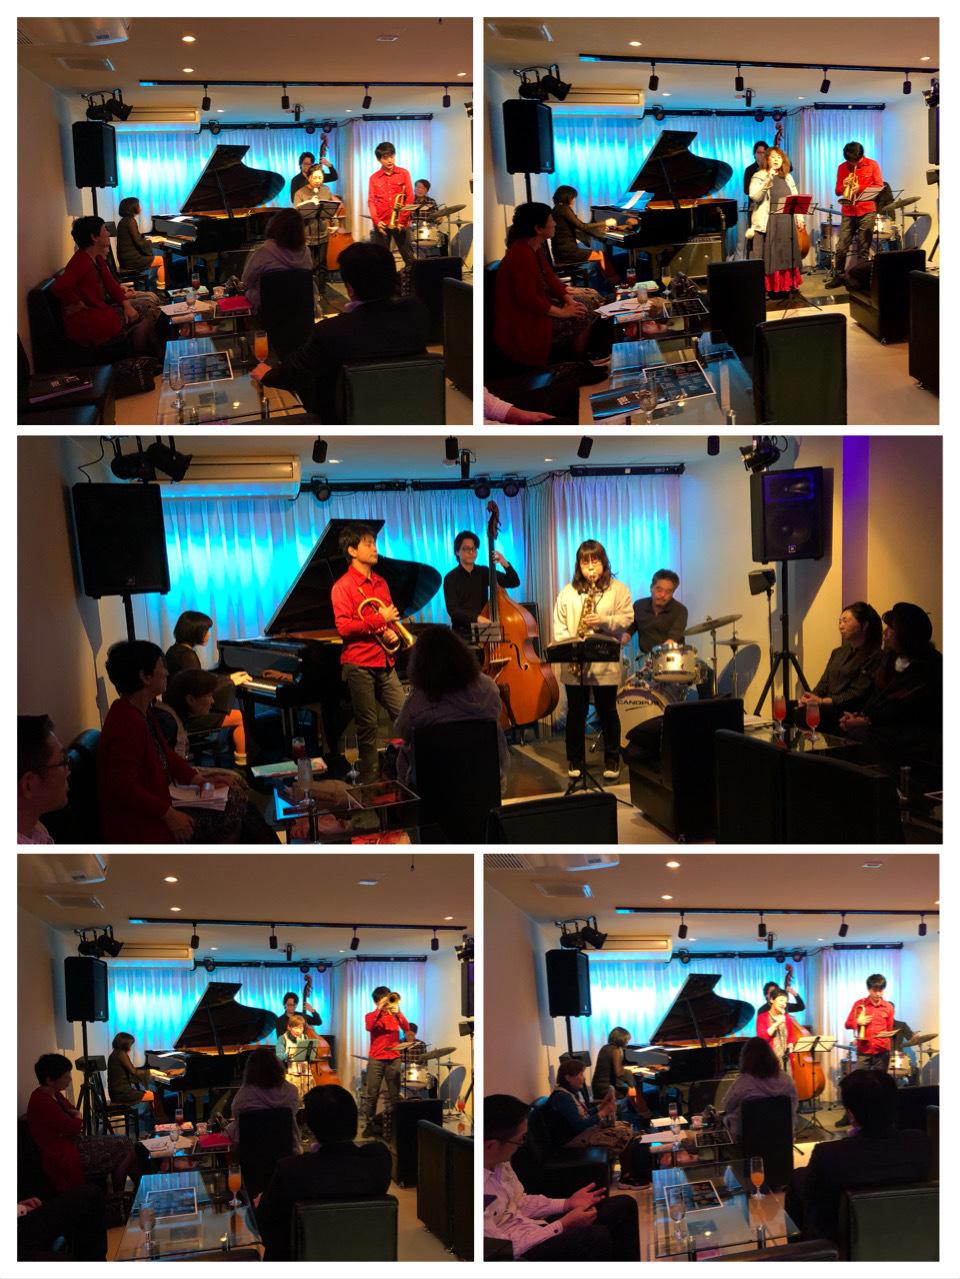 広島 ジャズライブカミン  Jazzlive Comin本日11月26日のライブ_b0115606_12163454.jpeg